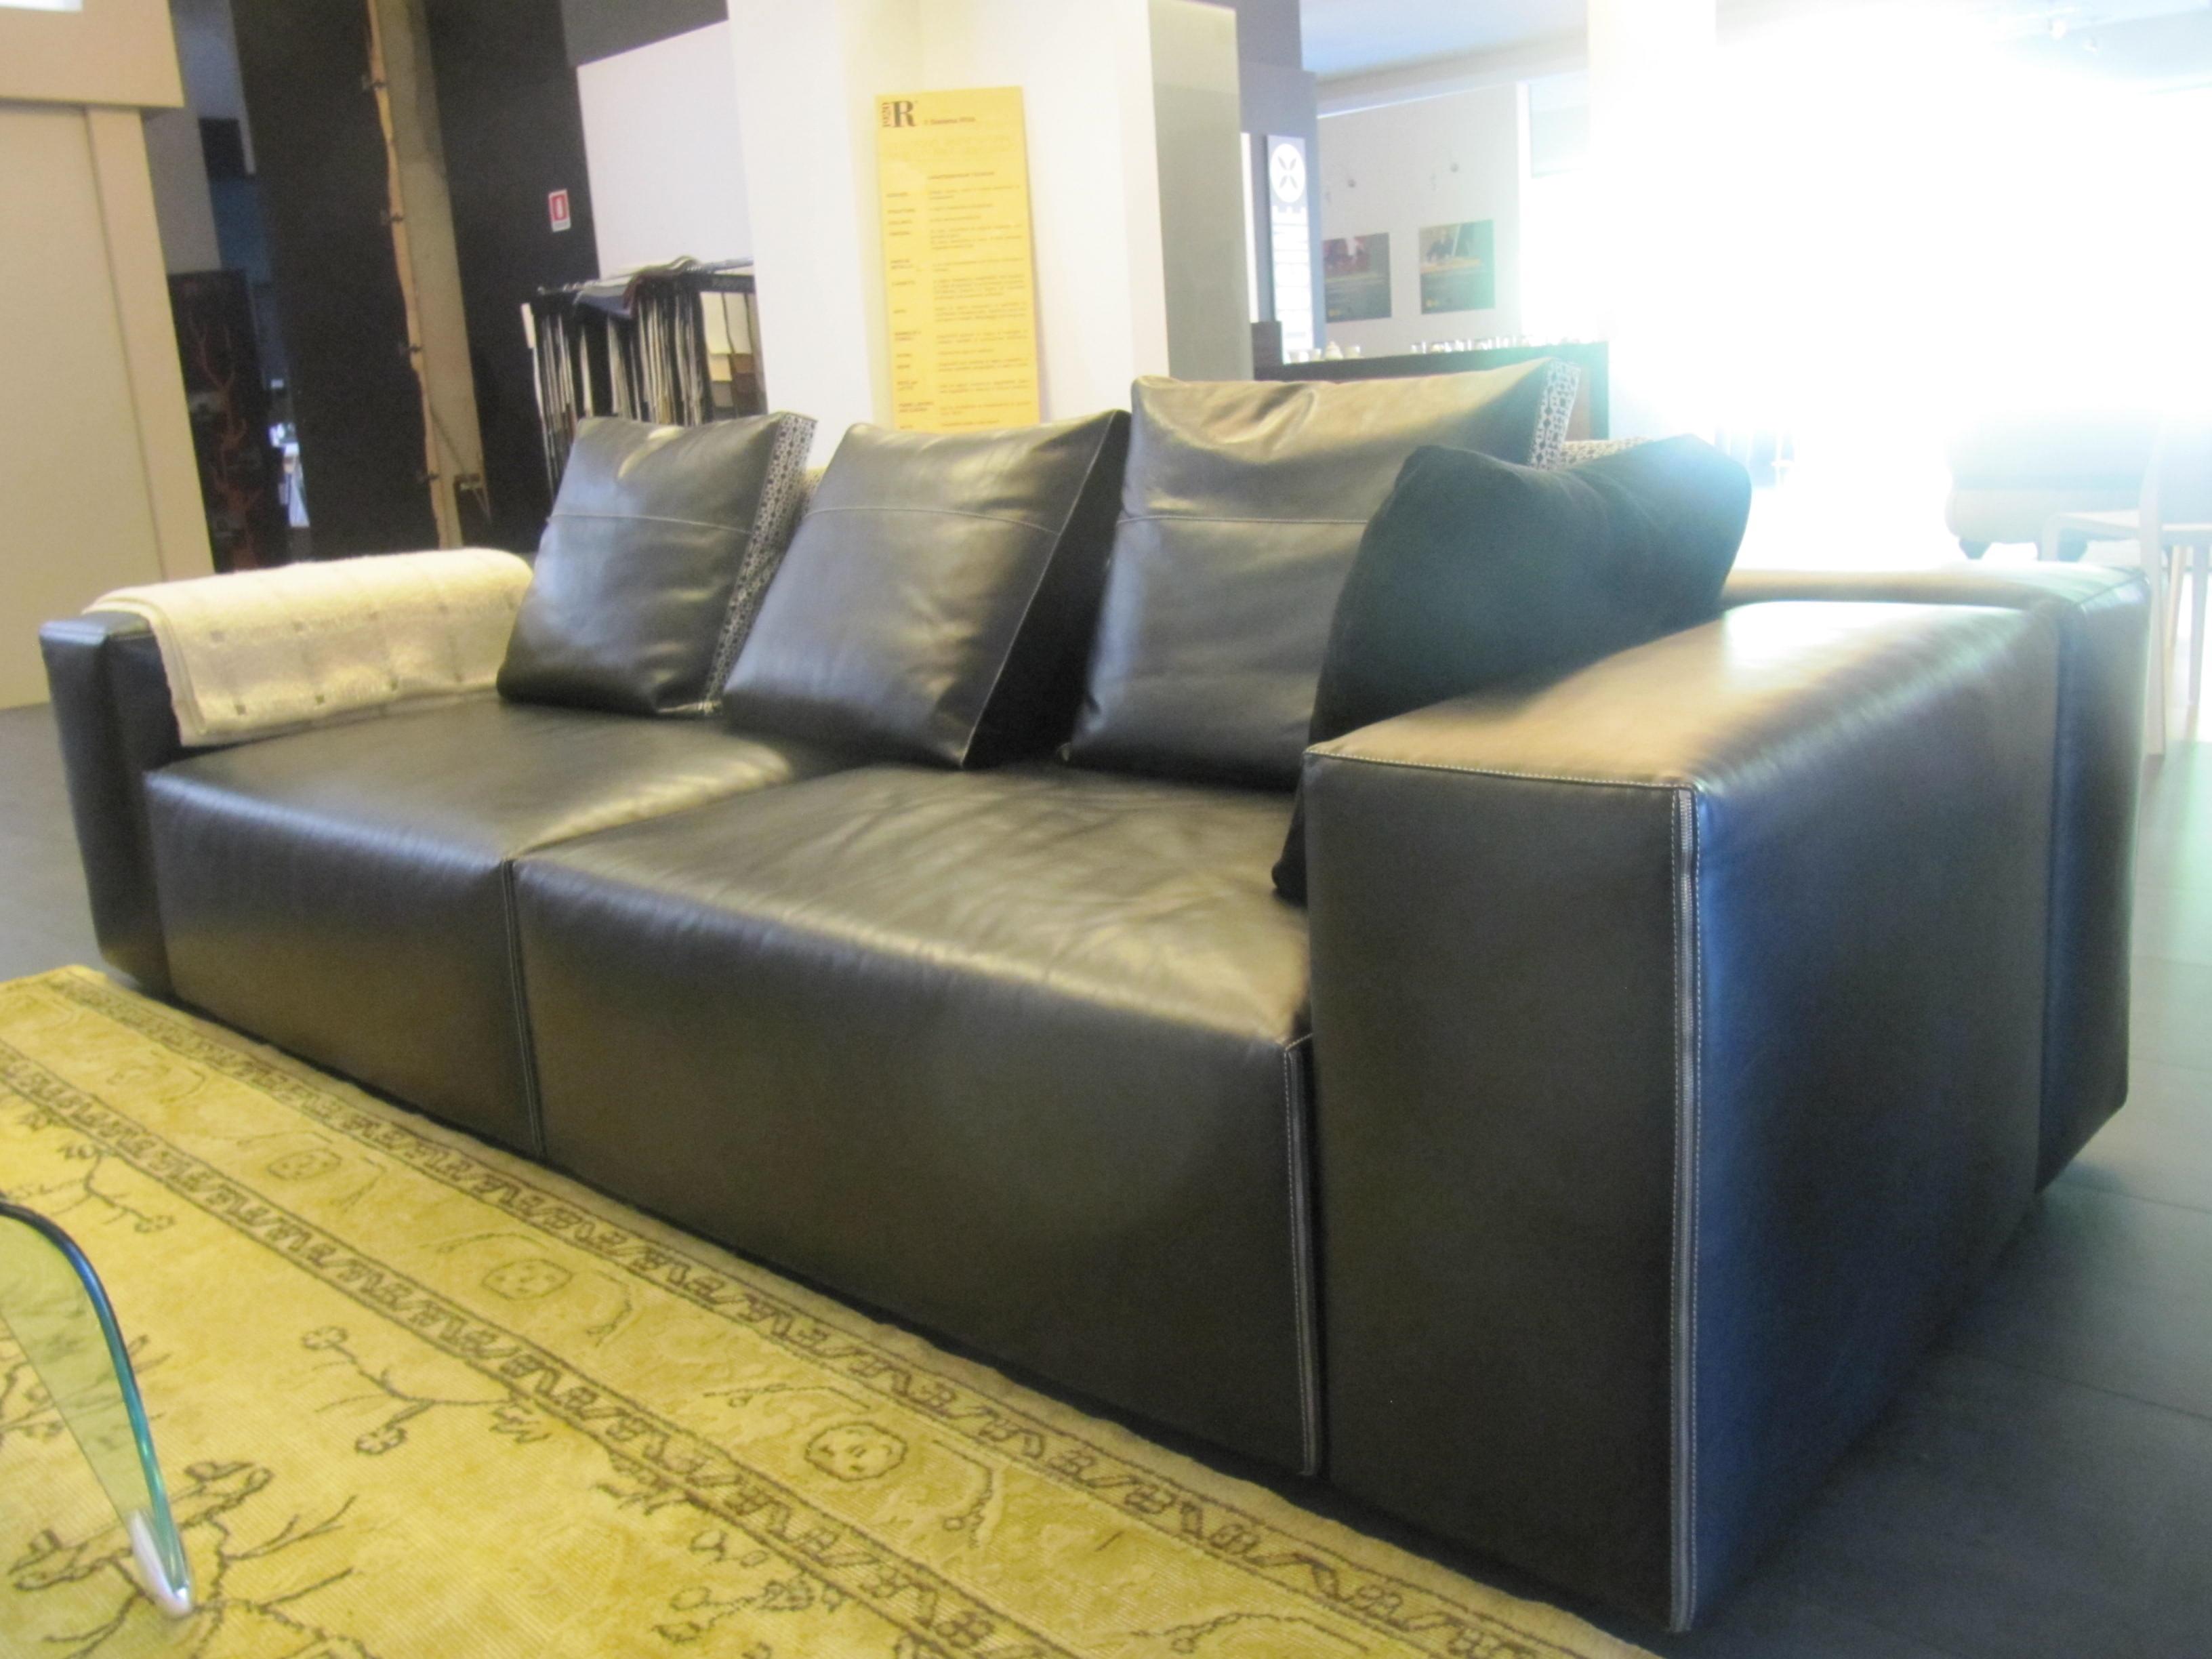 Divano moroso field divano pelle divani a prezzi scontati - Divano pelle nera ...